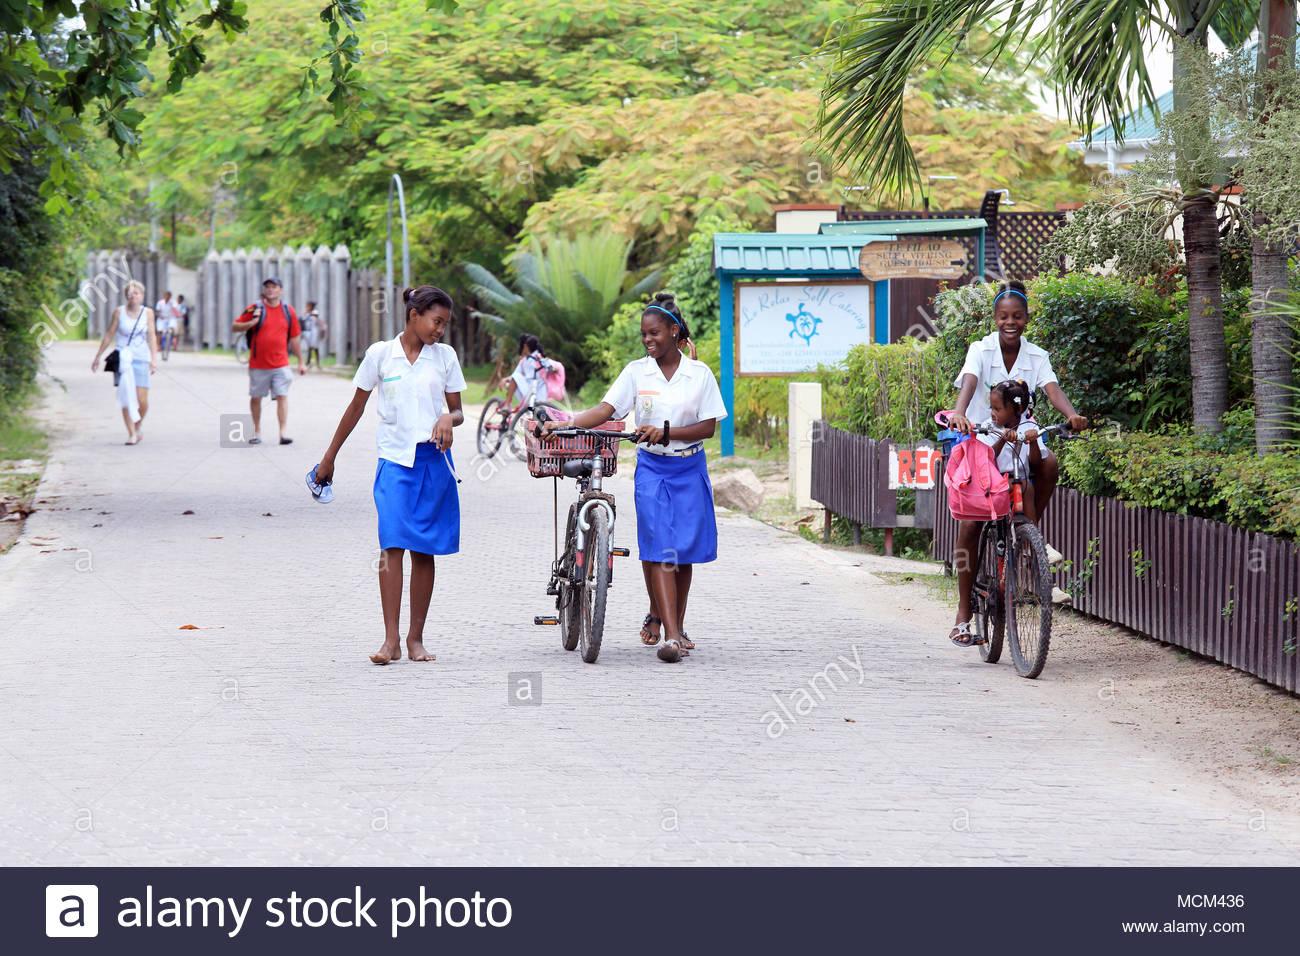 La Passe, La Digue Island, Seychelles - Marzo 5, 2014: Los estudiantes que abandonan la escuela en bicicletas. Imagen De Stock